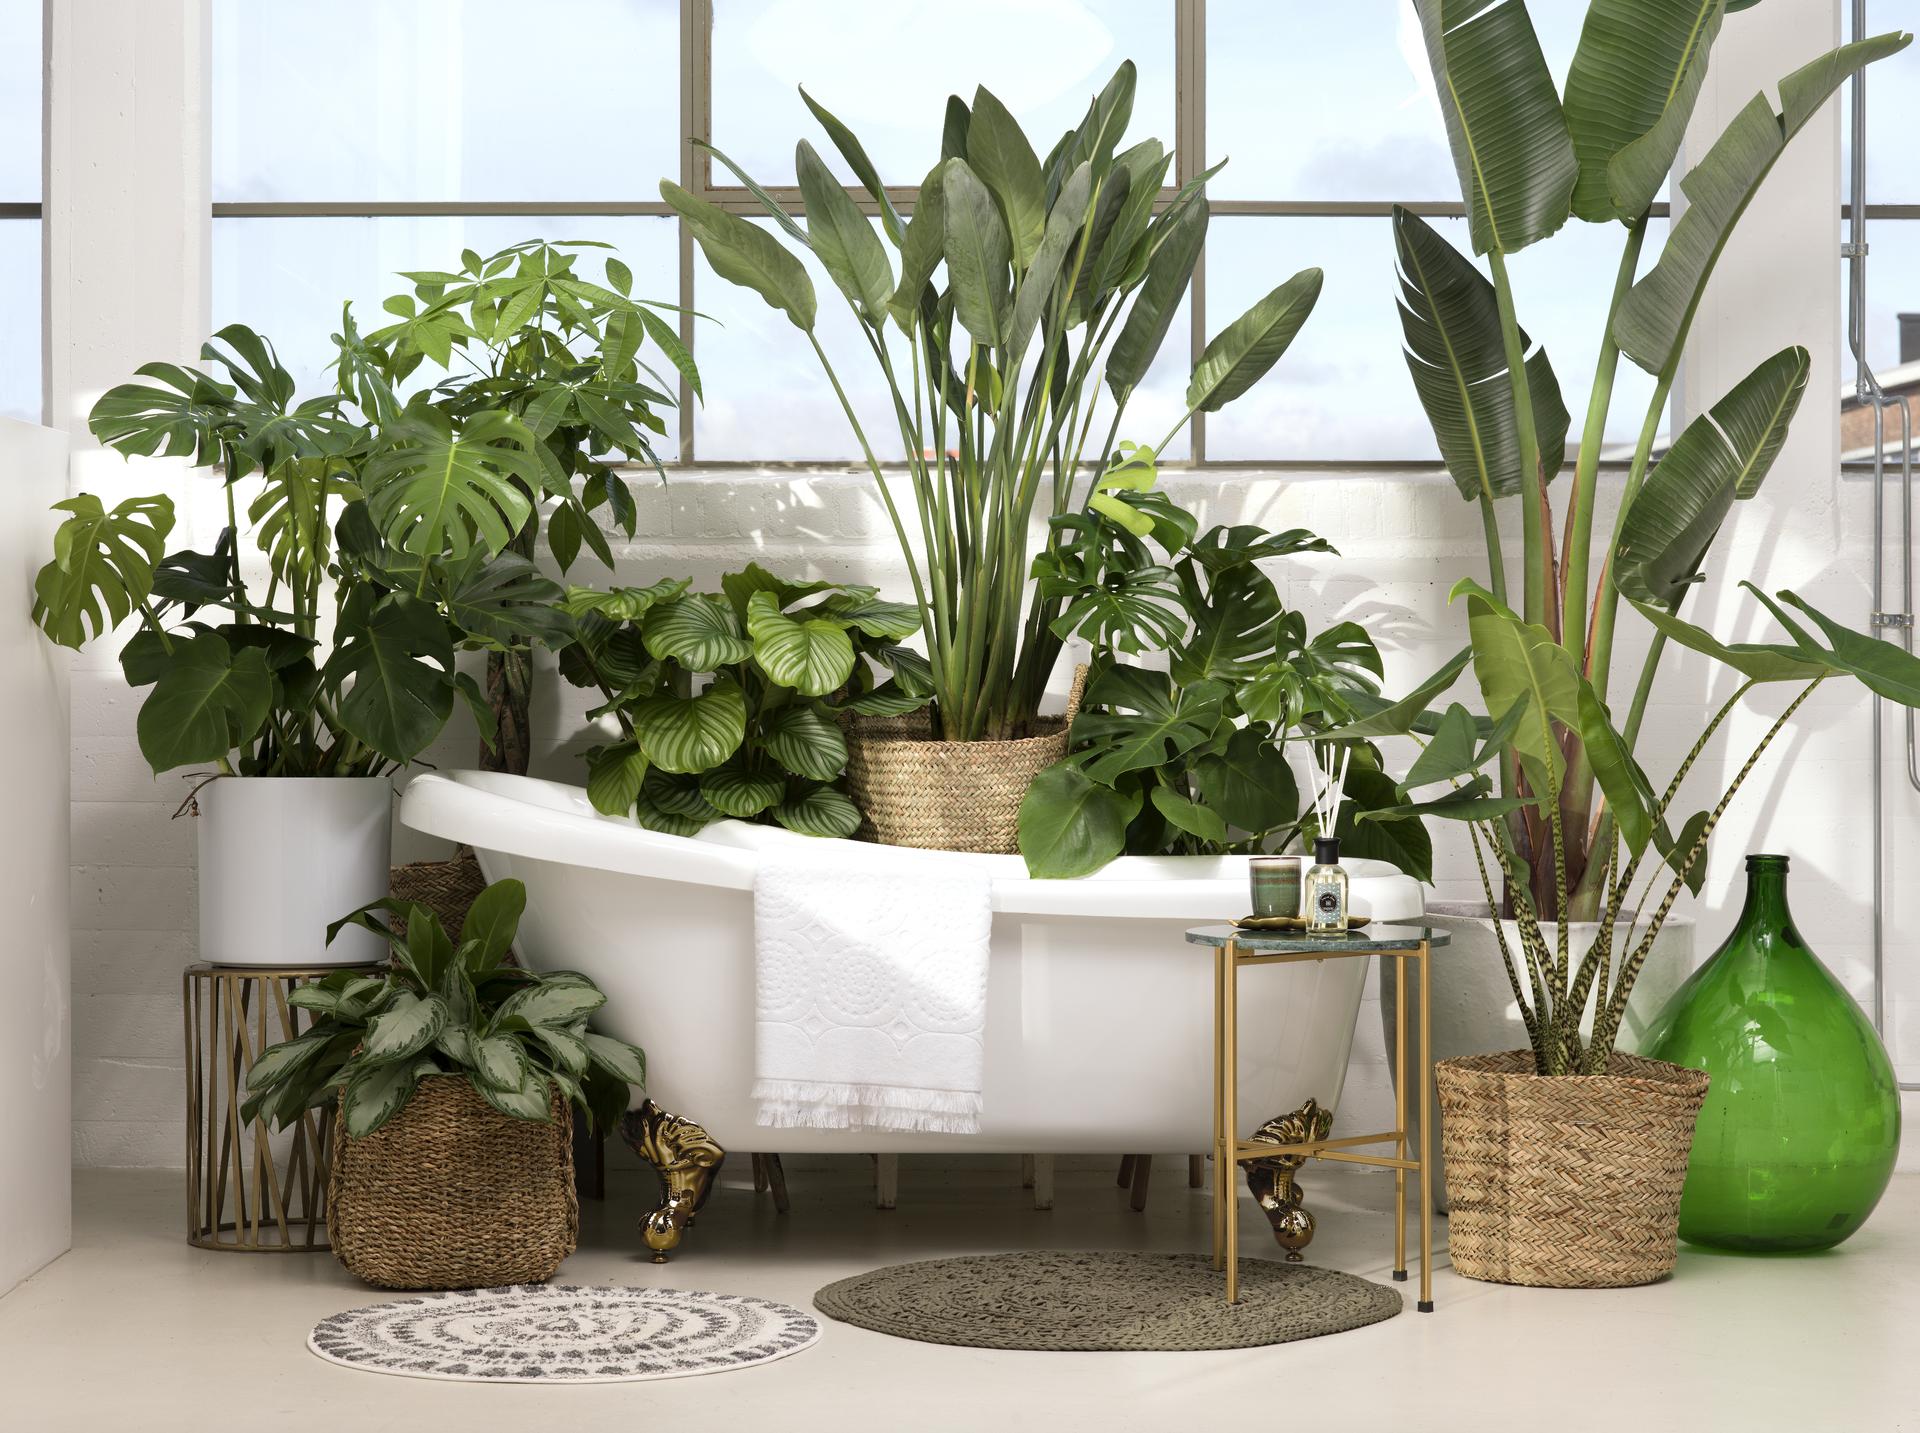 Potten Voor Planten.Planten Potten Loods 5